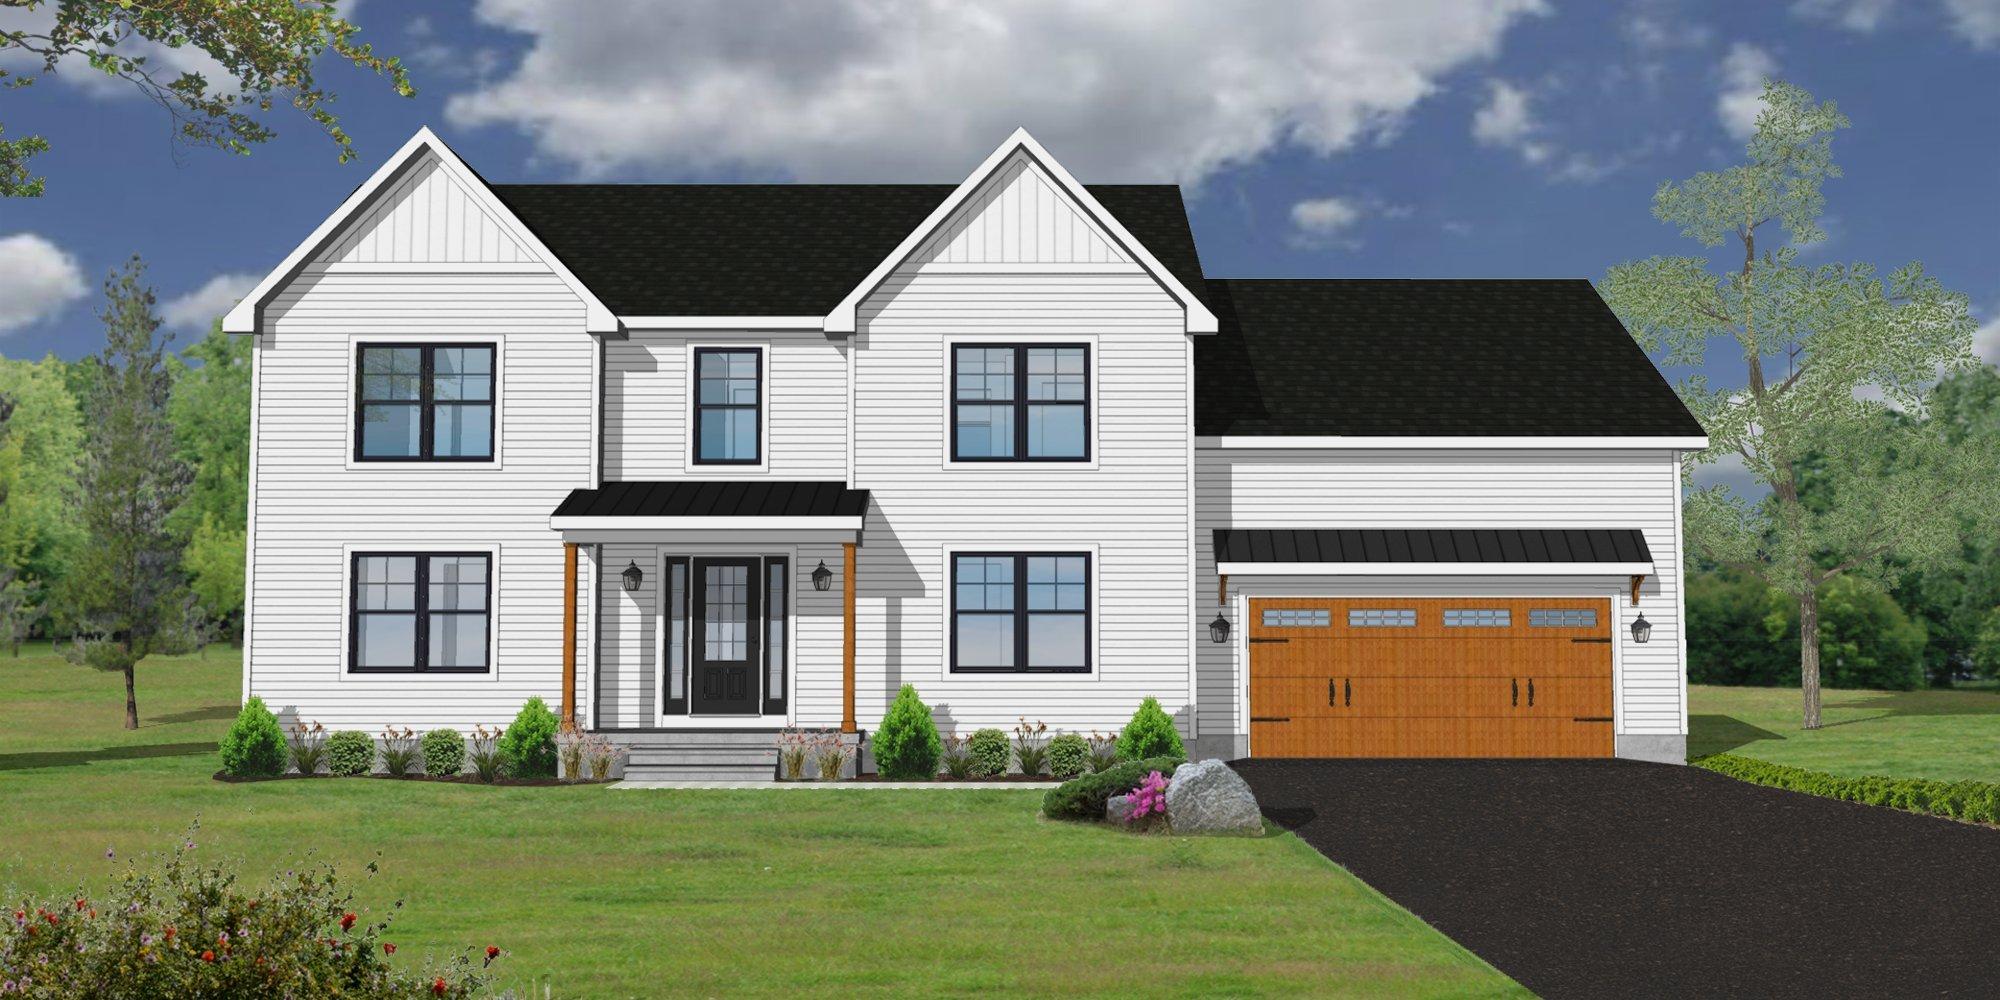 Hideaway Hills Kistler II Home Design